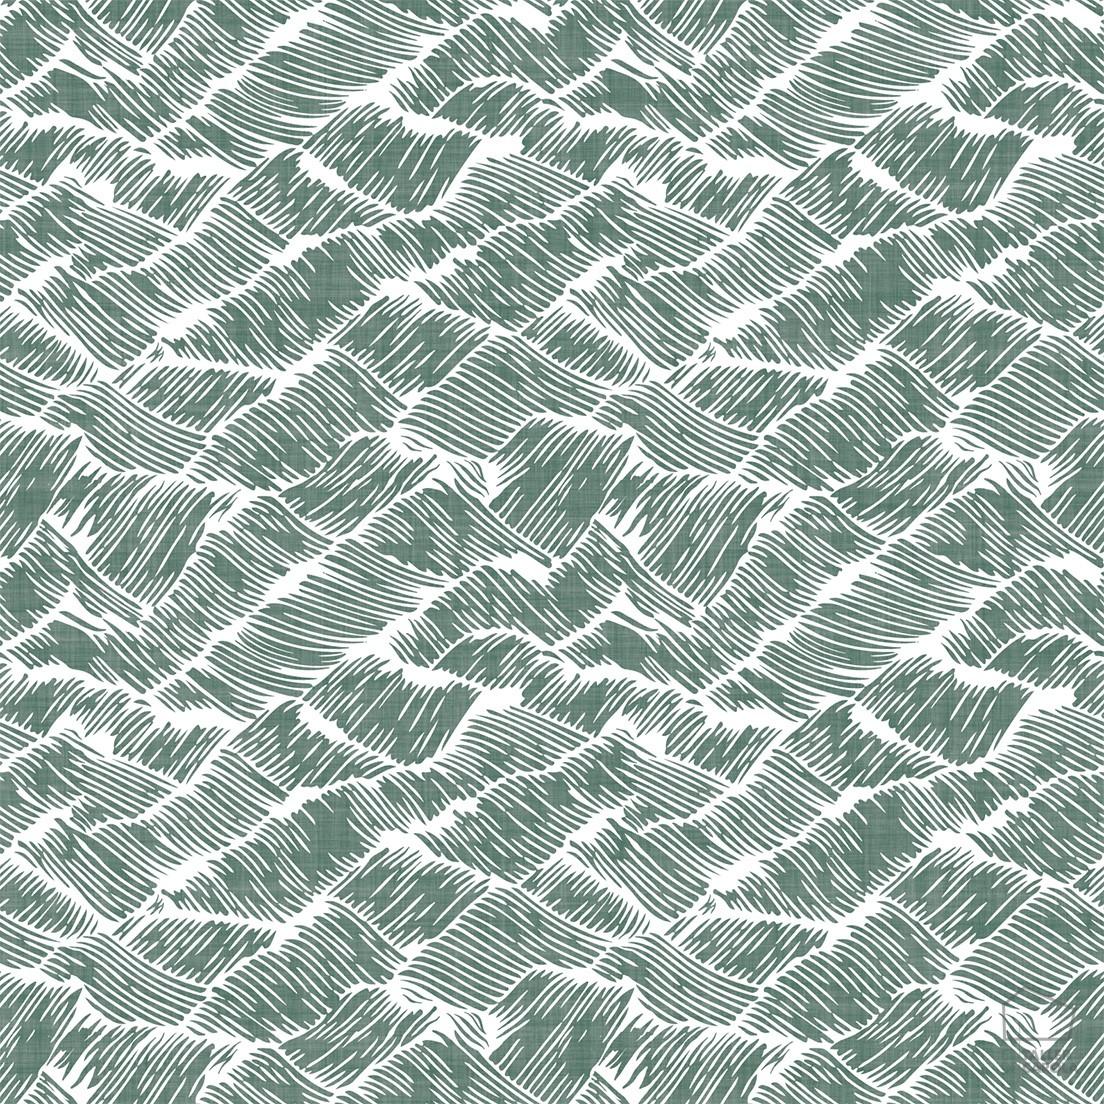 Papel pintado aug estampado olas verde el taller de carola for Papel pintado estampado